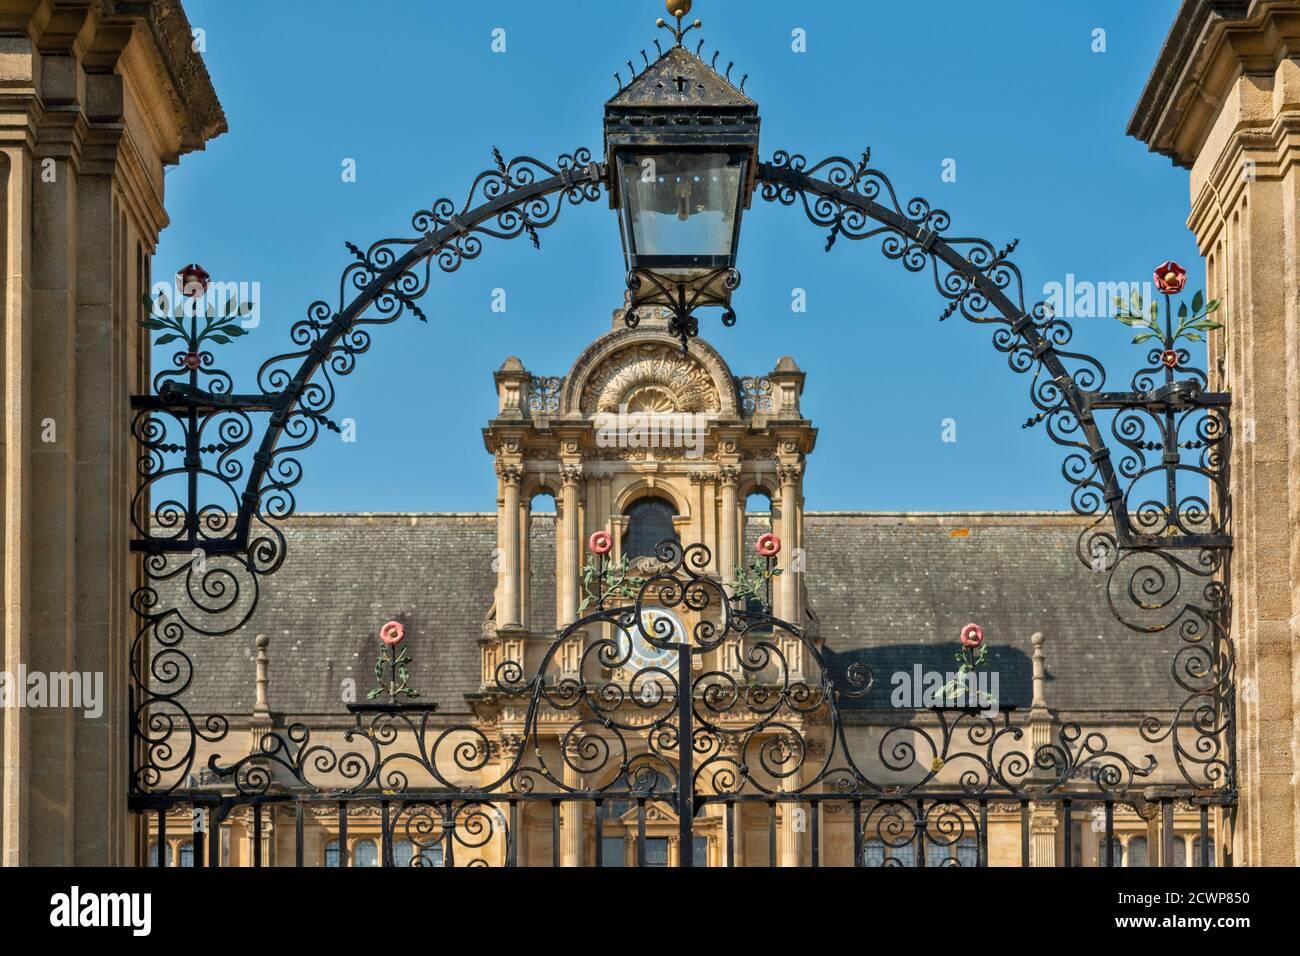 OXFORD CITY INGLATERRA PUERTA ORNAMENTADA DEL EXAMEN DE LA UNIVERSIDAD DE OXFORD ESCUELAS Foto de stock